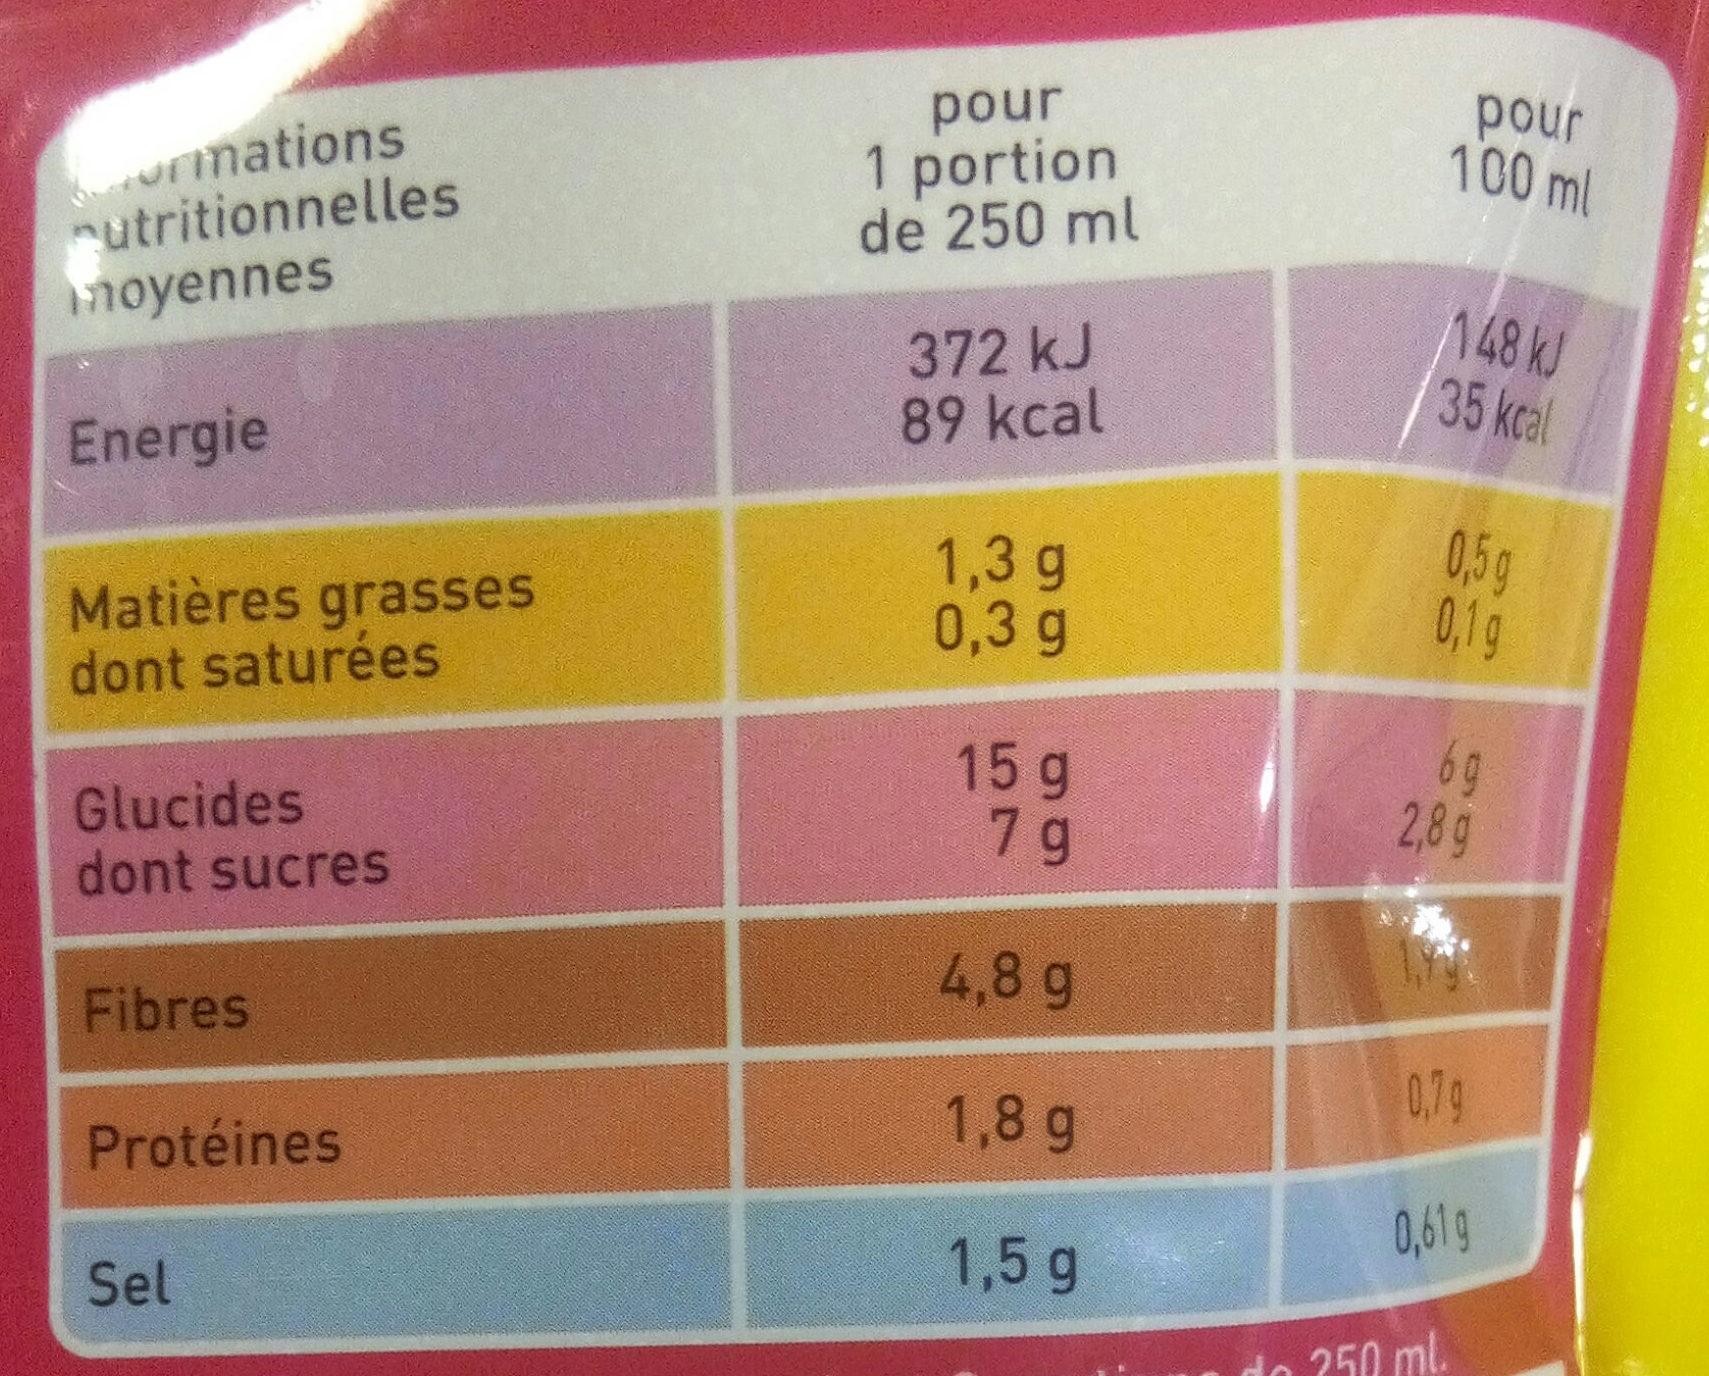 Potimarron carotte - Informations nutritionnelles - fr